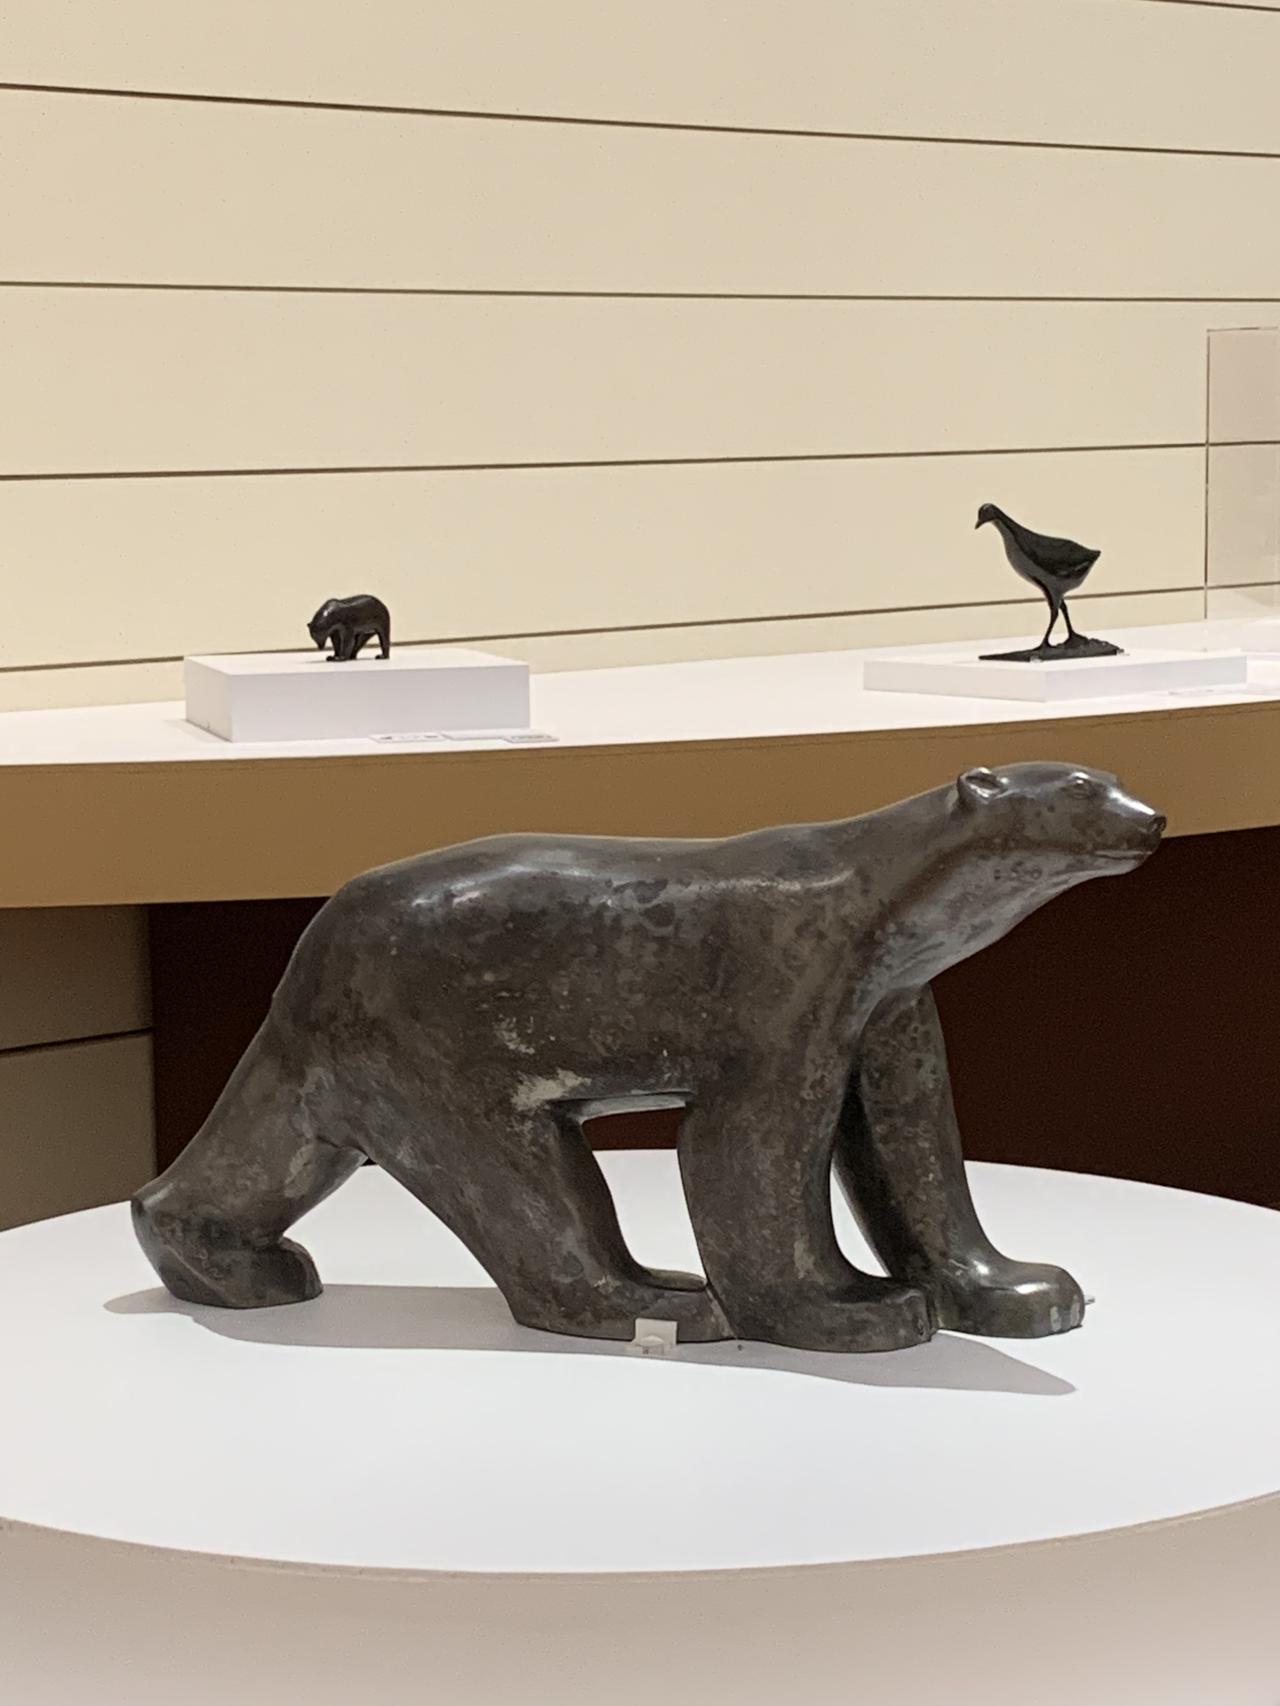 画像4: 日本初の回顧展!フランスの彫刻家「フランソワ・ポンポン展 〜動物を愛した彫刻家〜」